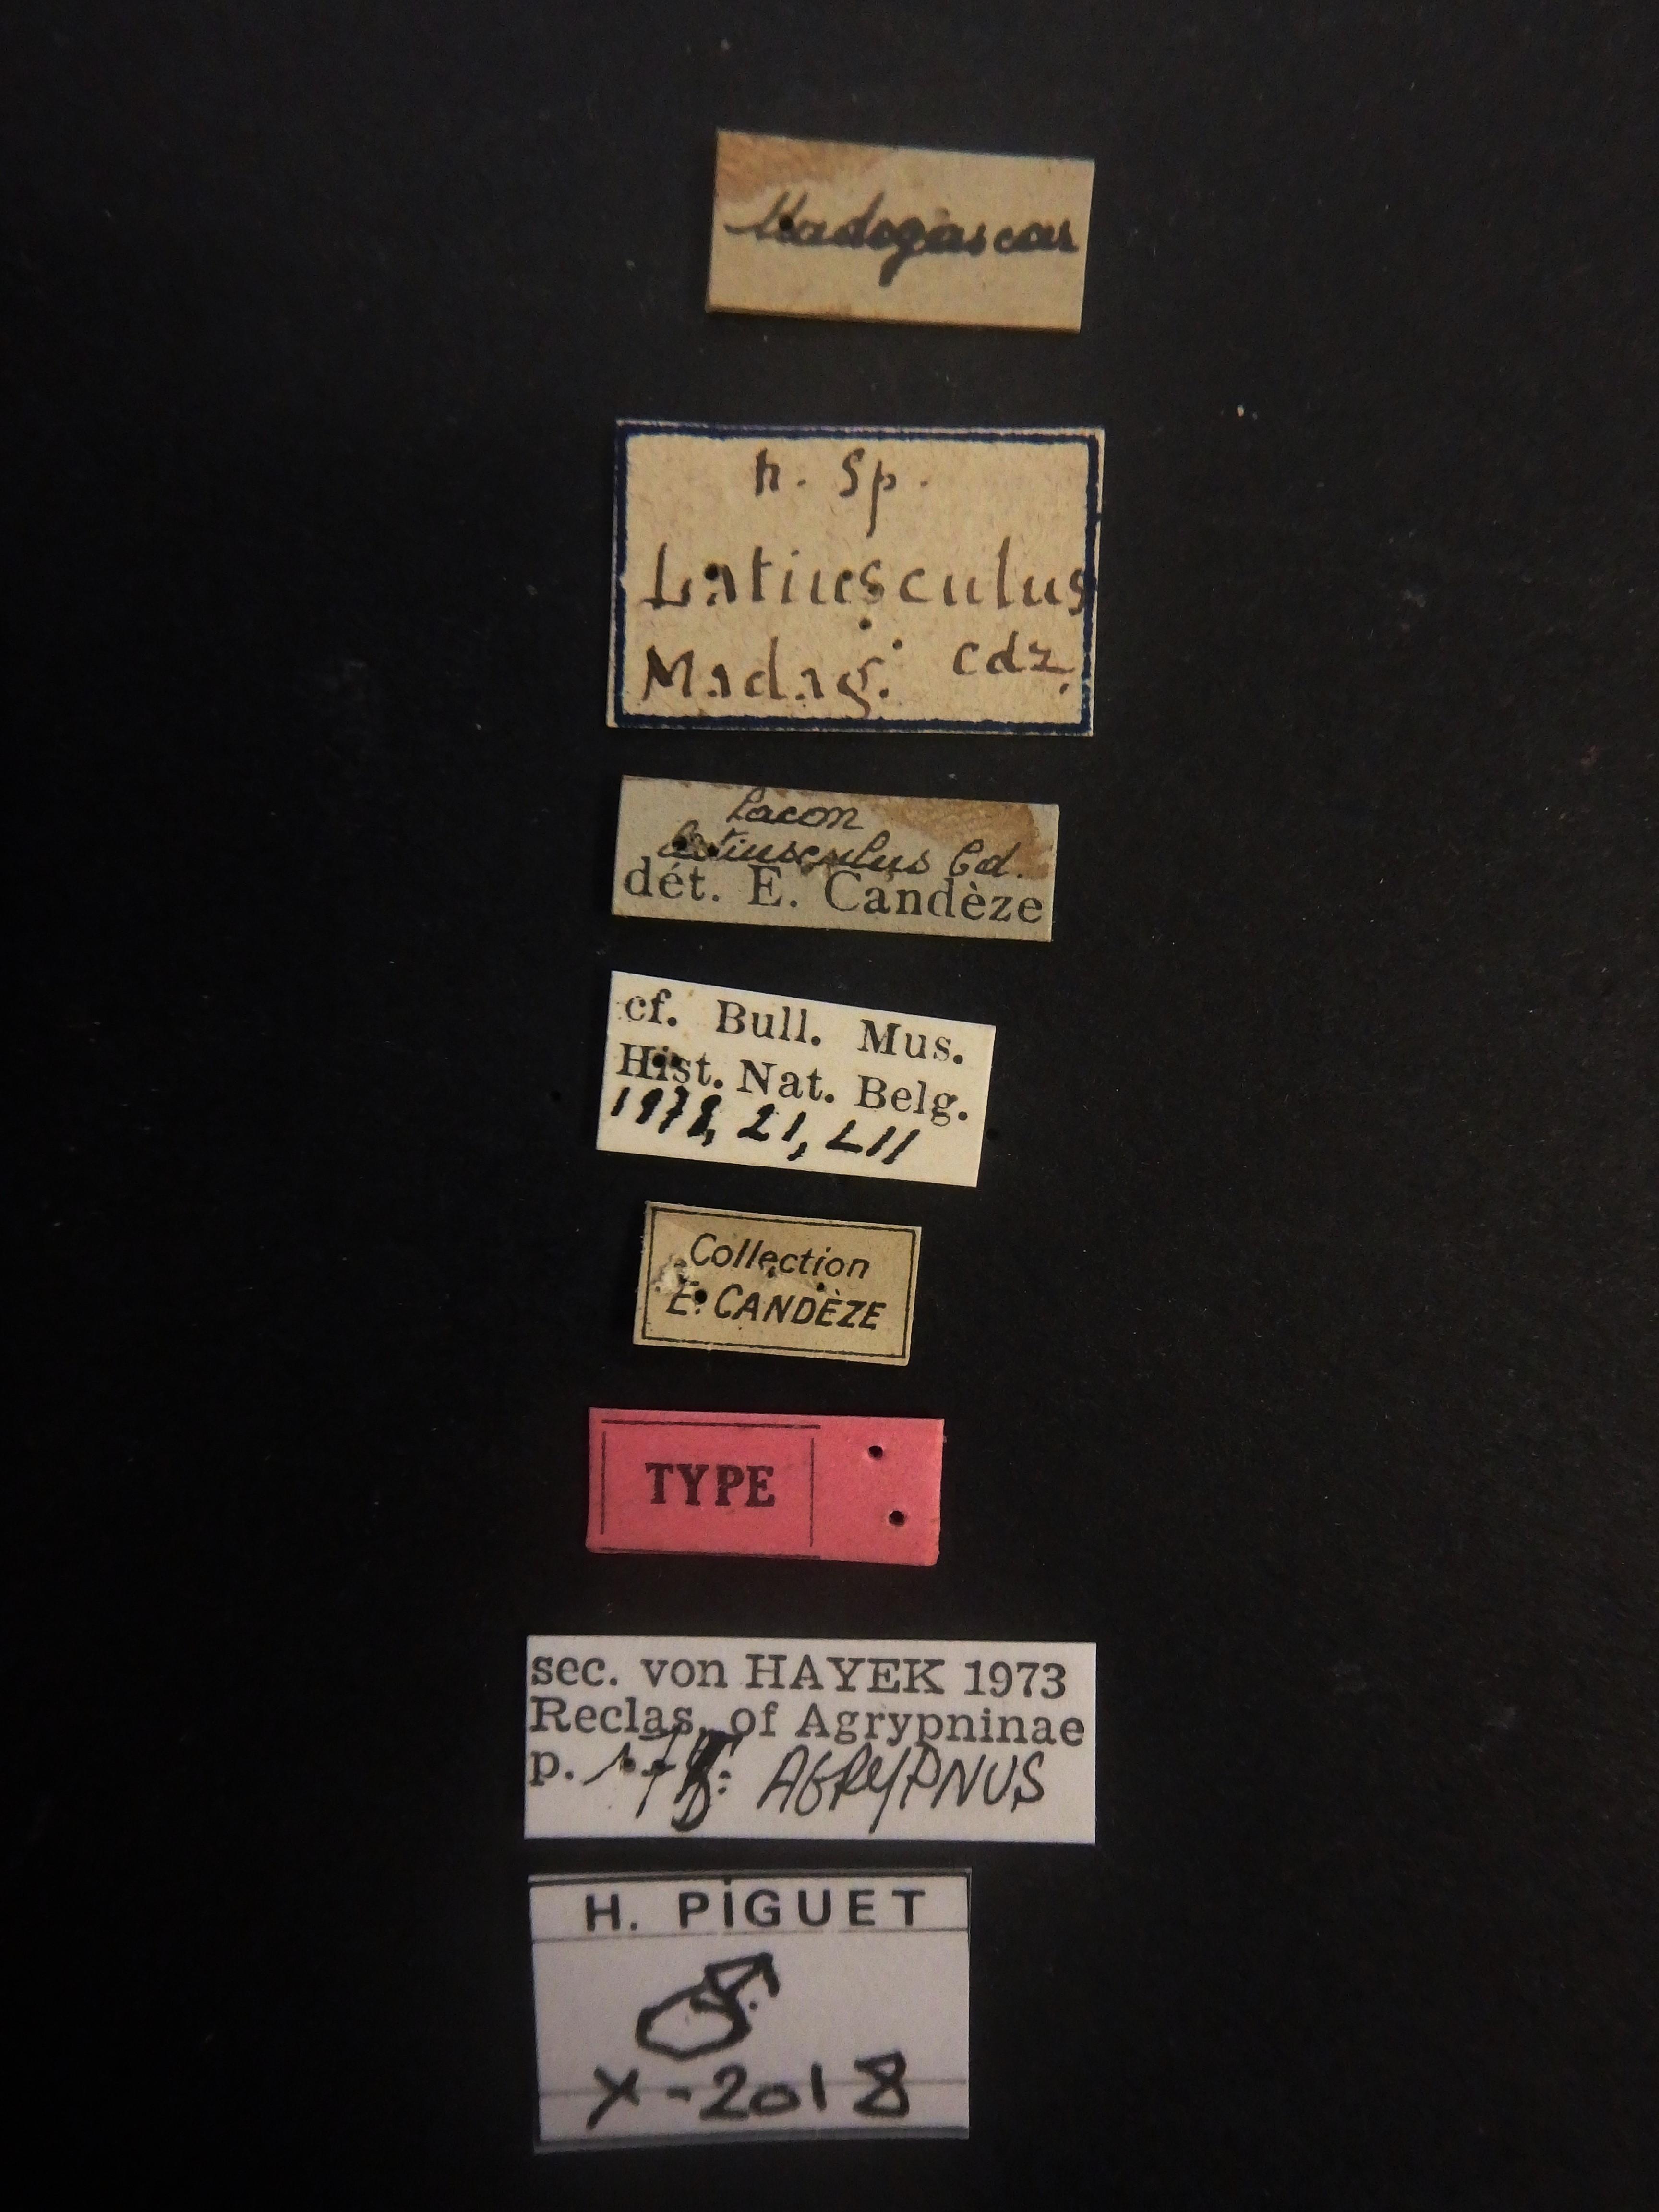 Lacon latiusculus t Labels.JPG